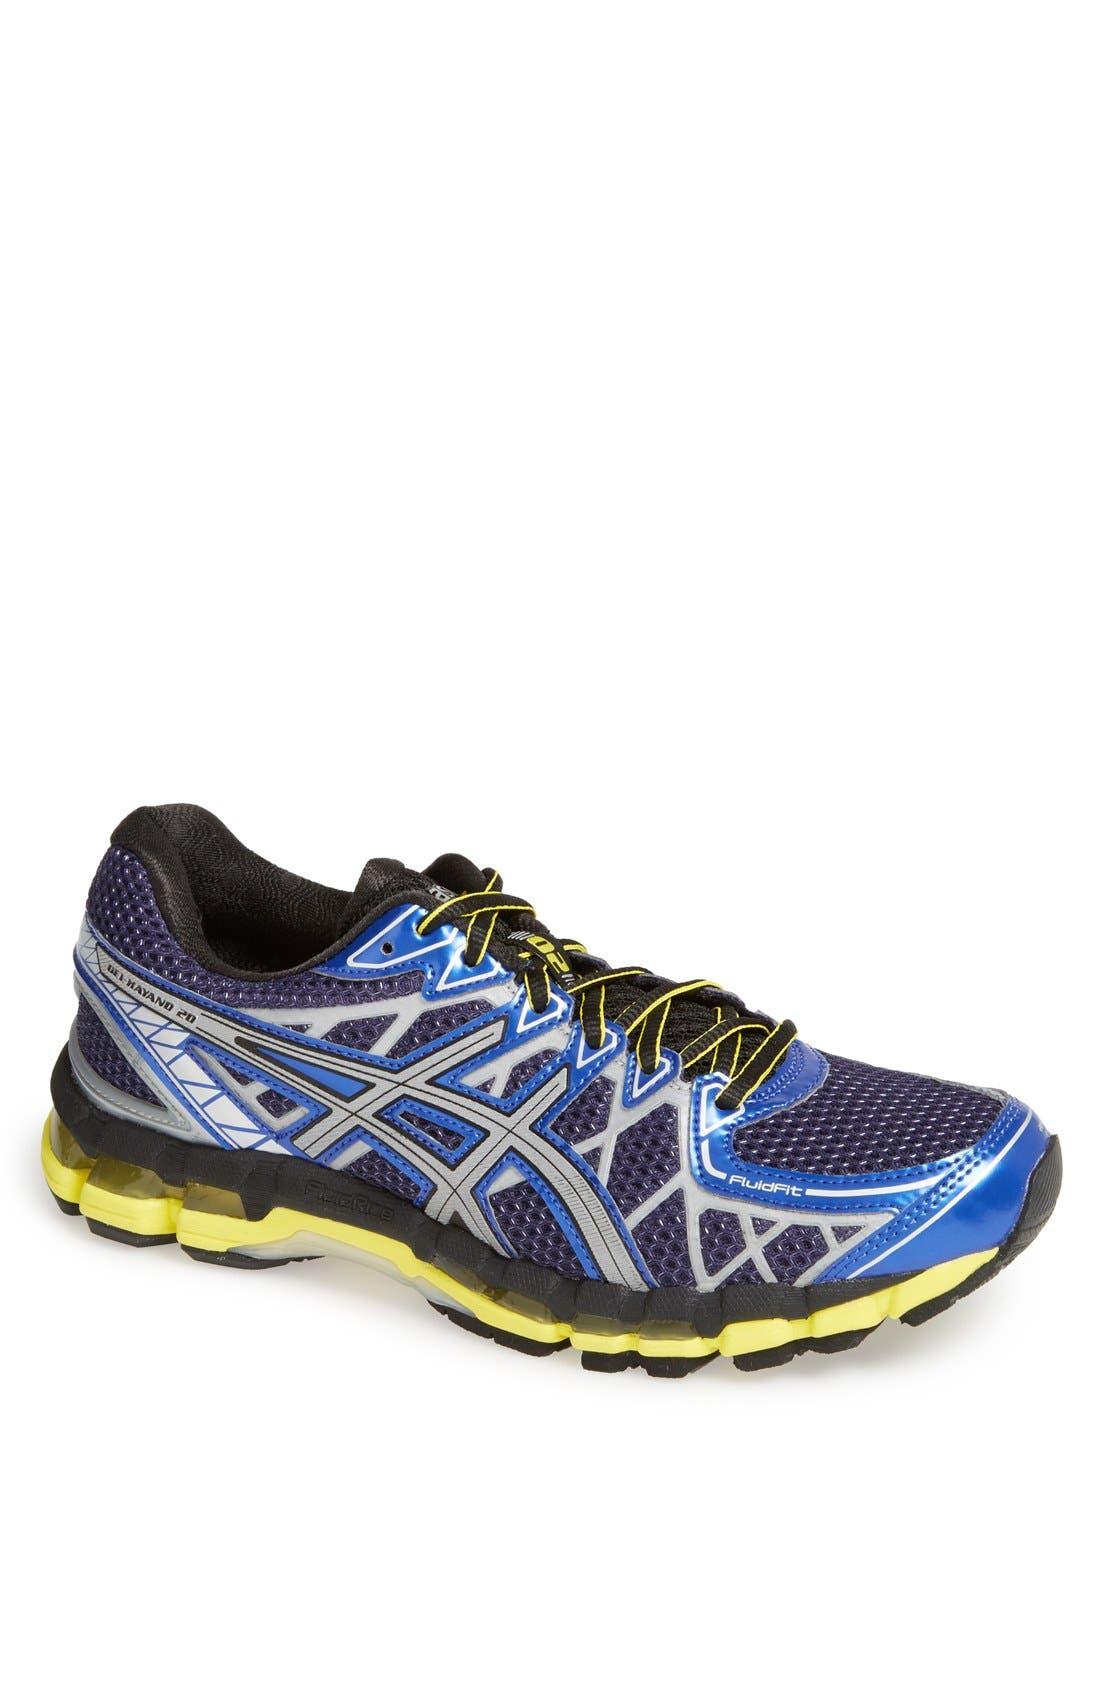 Alternate Image 1 Selected - ASICS® 'GEL-Kayano® 20 Lite' Running Shoe (Men)